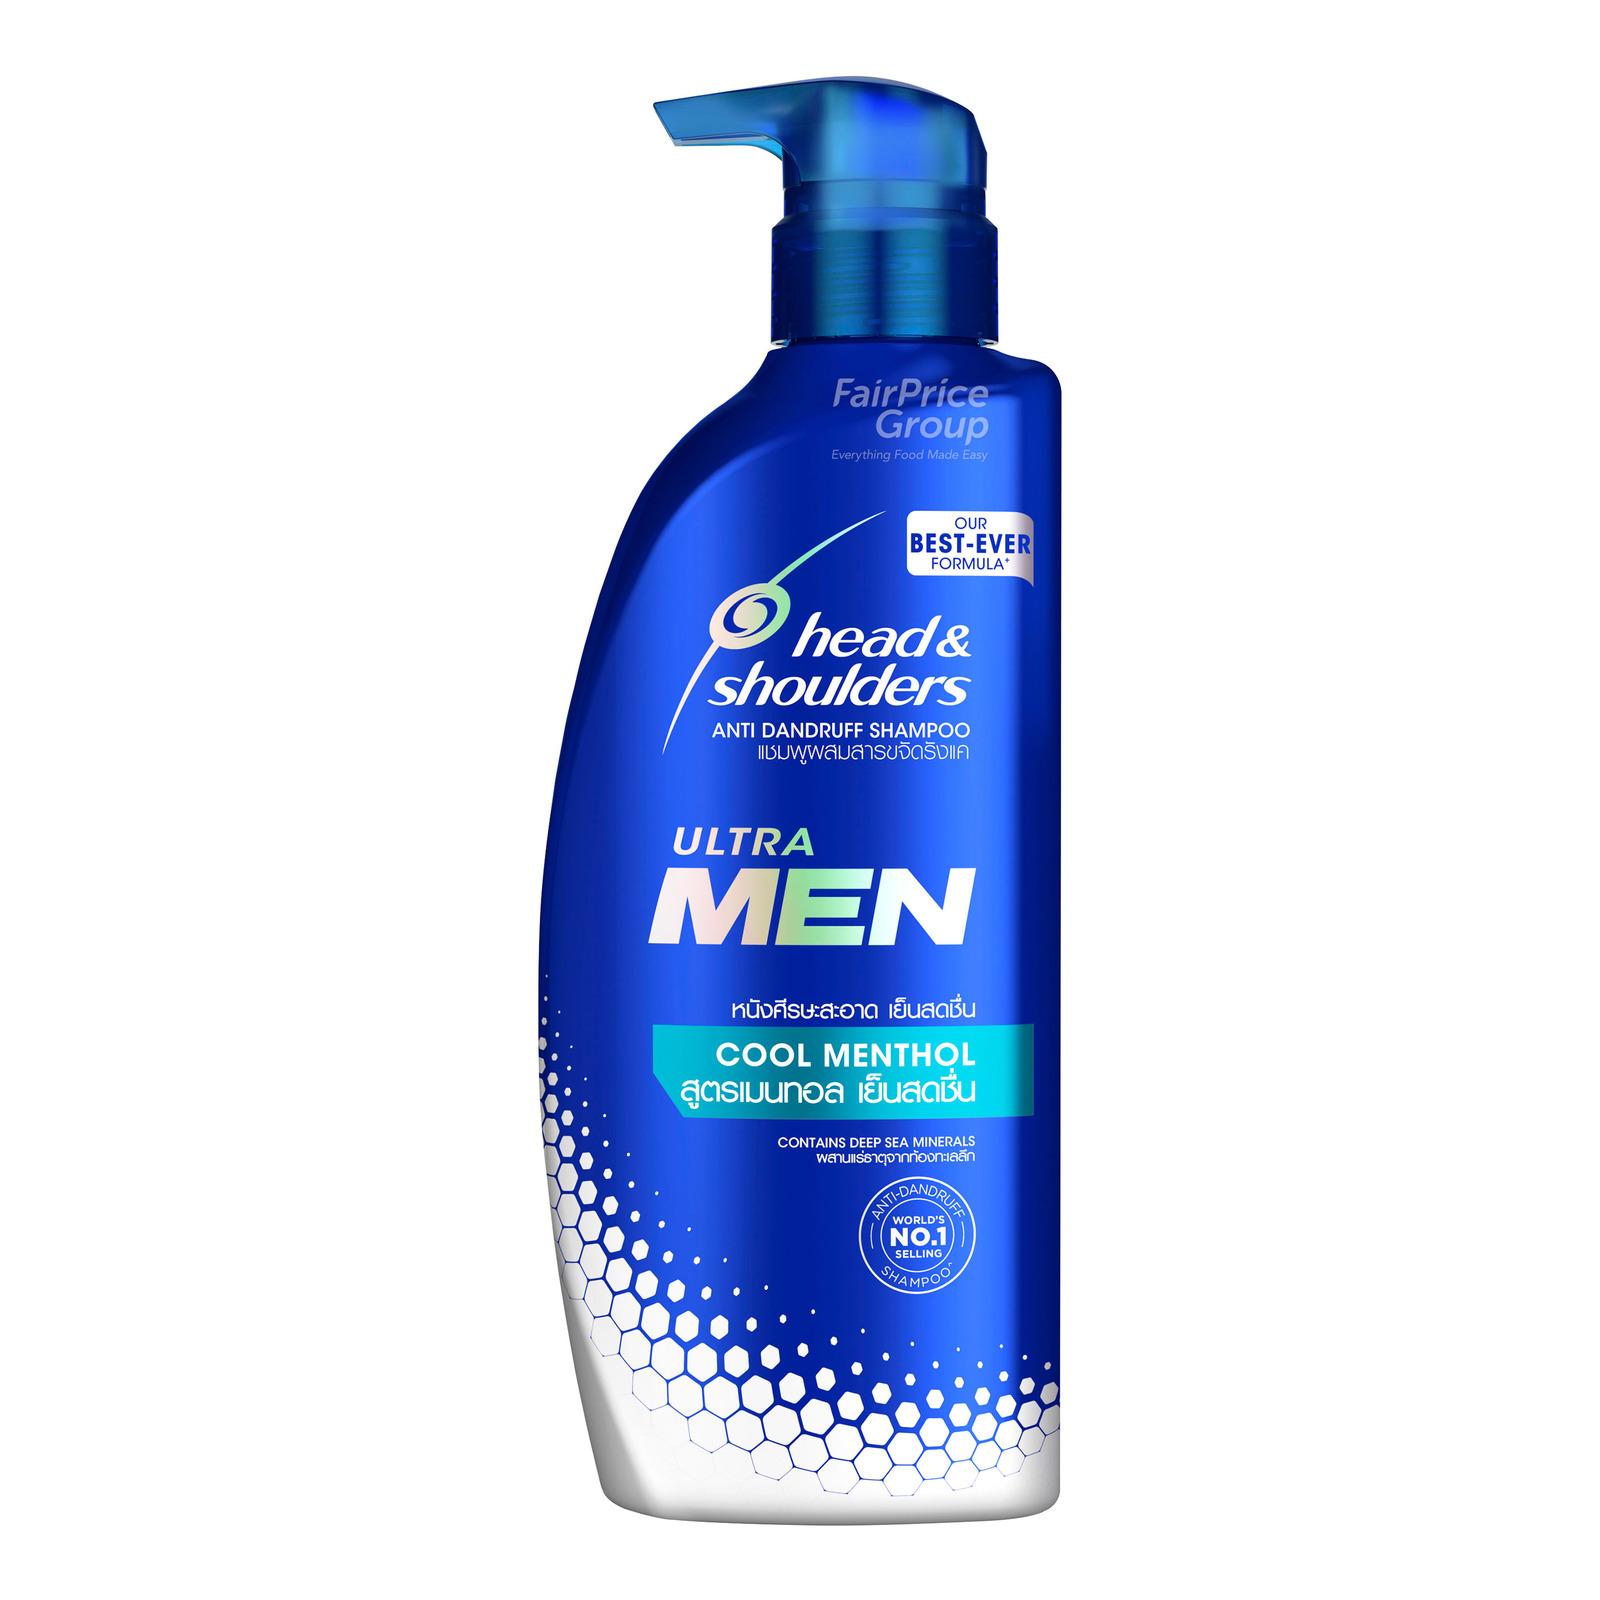 Head & Shoulders Men Ultra Anti-Dandruff Shampoo - Cool Menthol